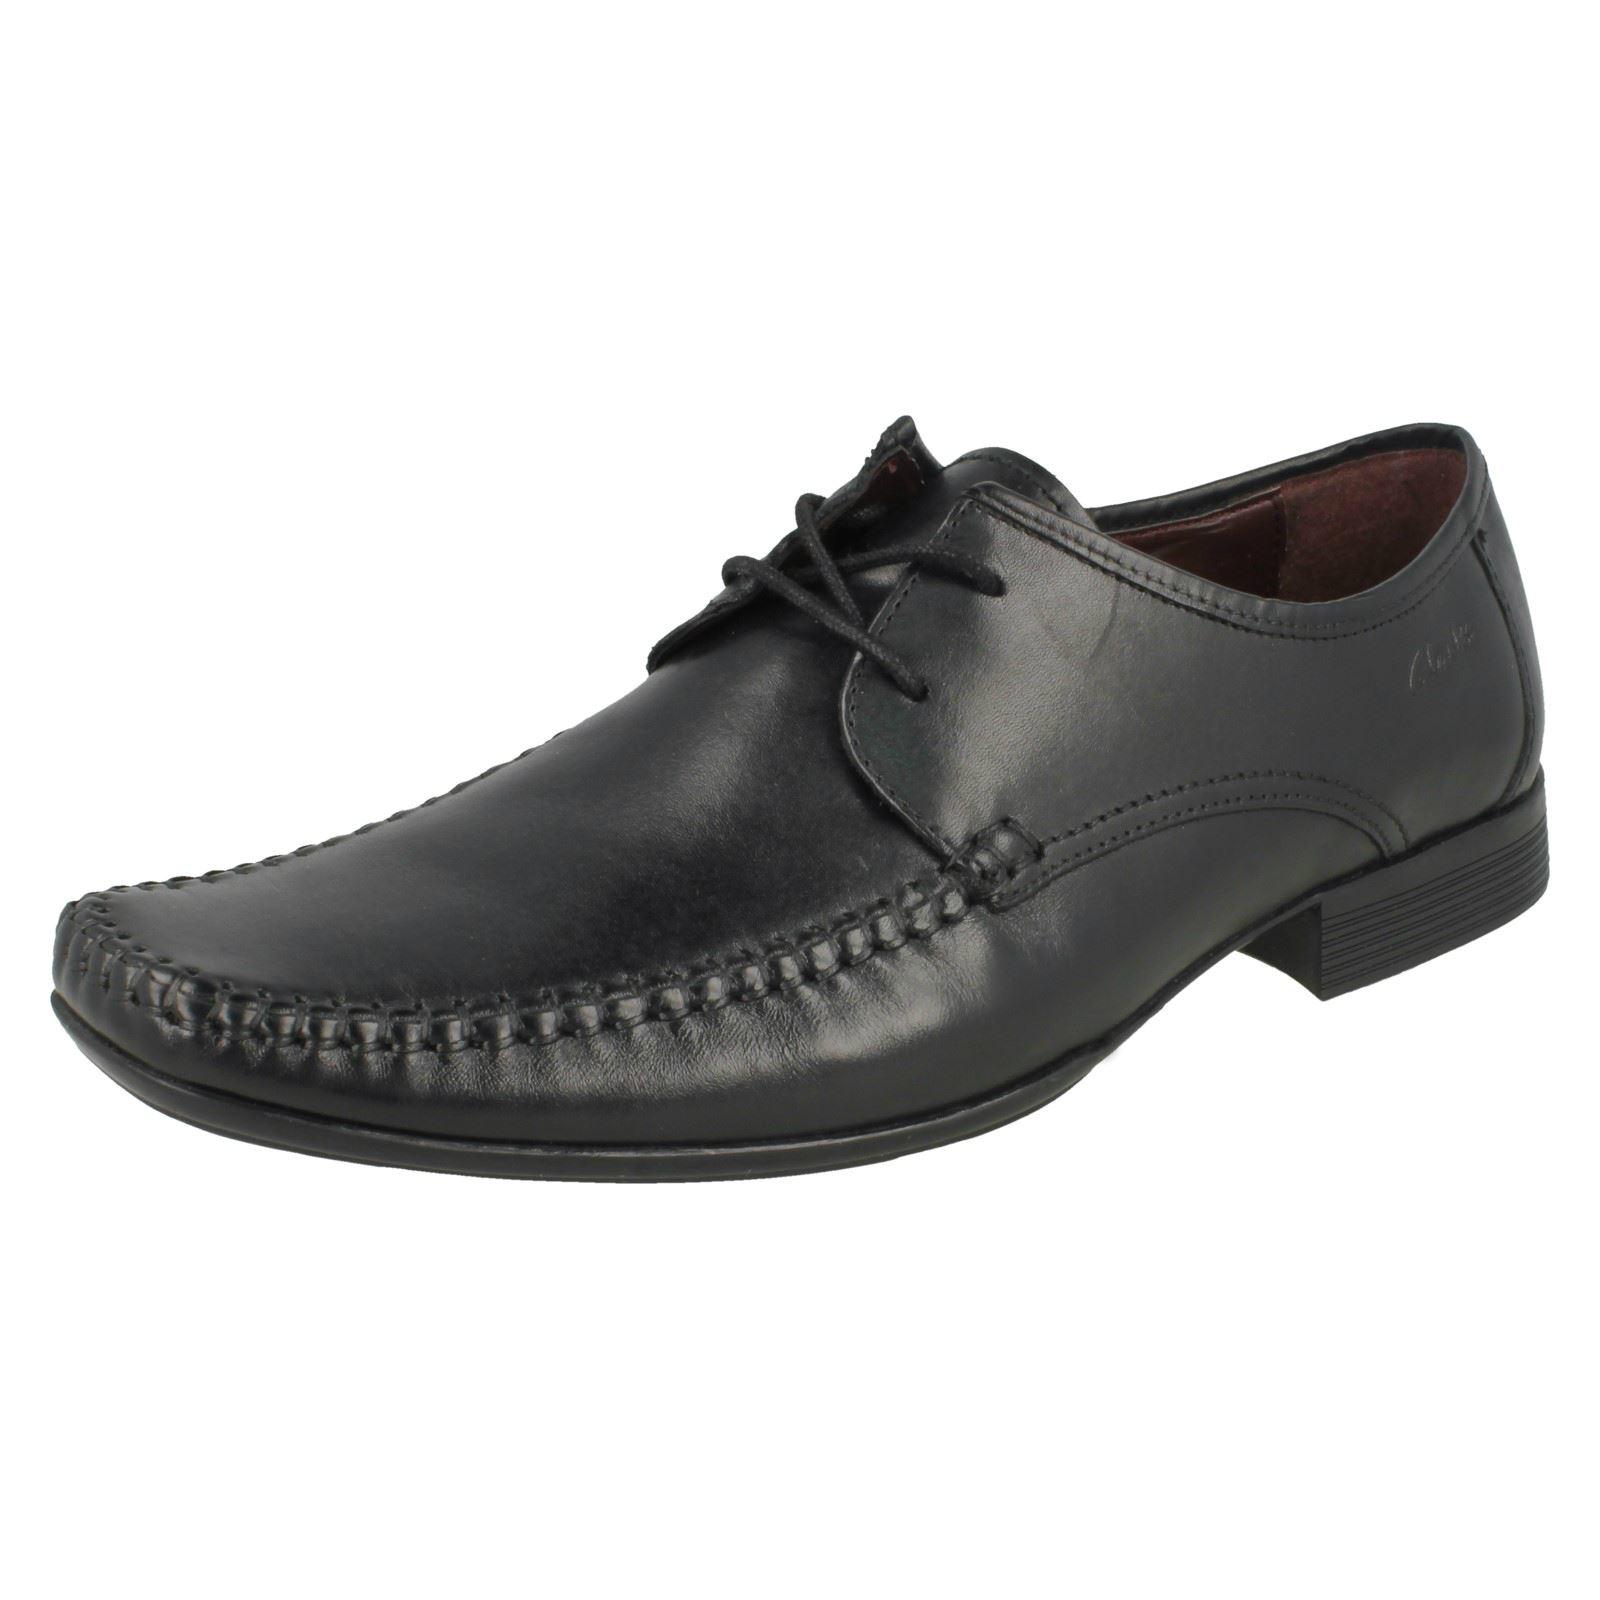 Hombre Squared Cuero Zapatos De Con Cordones Clarks Punta Vestir OvNn0mw8